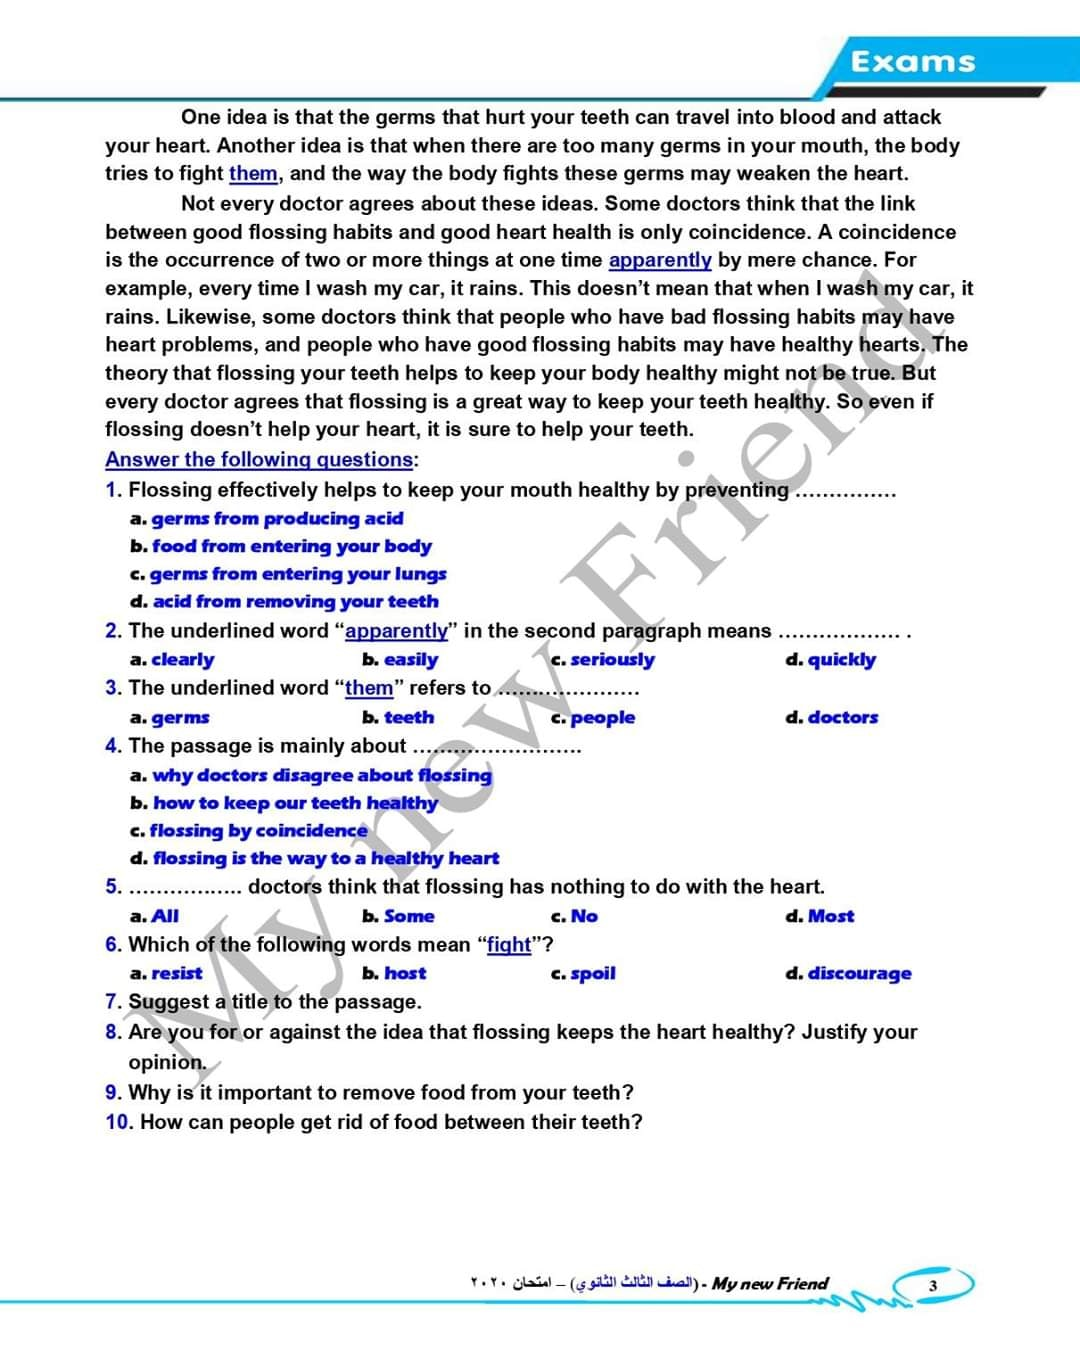 نموذج اجابة امتحان اللغة الانجليزية للثانوية العامة 2020 بتوزيع الدرجات 3